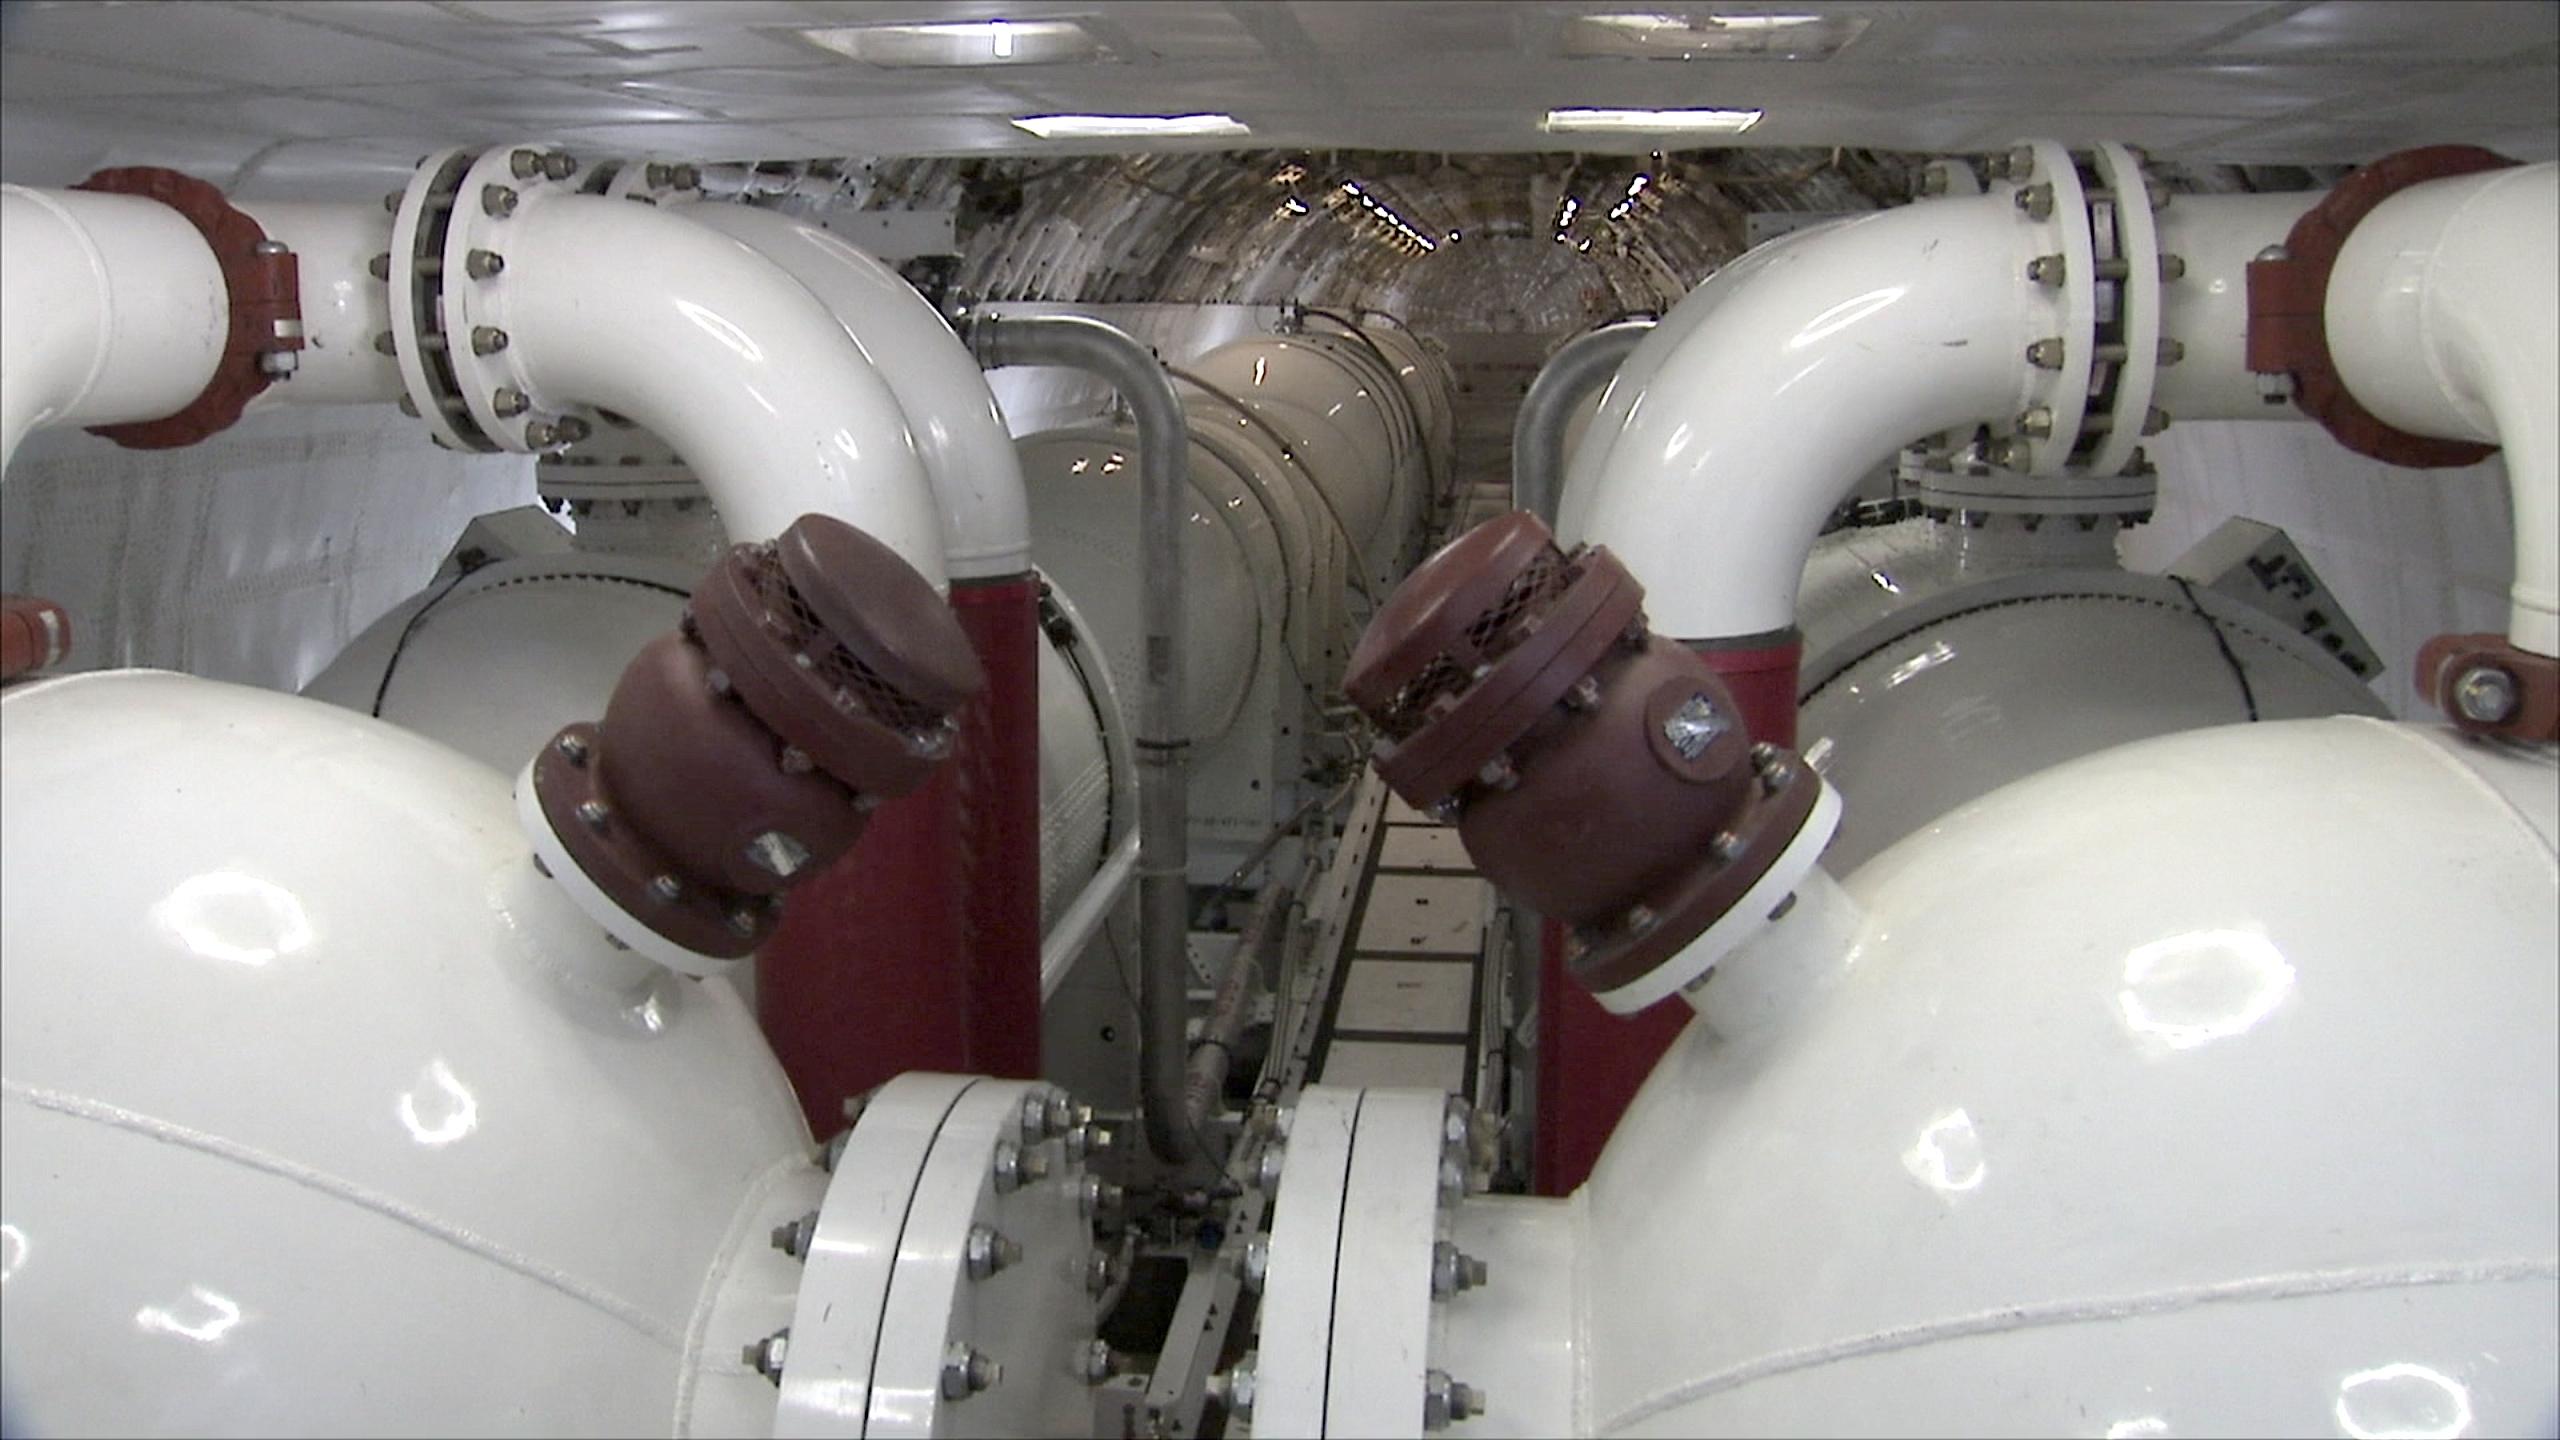 Die 74 t Flüssigkeit, die der Jumbo aufnehmen kann, werden in acht Tanks unter Druck gespeichert. Das Flugzeug kann auch Ölkatastrophen auf dem Meer bekämpfen oder als Transportflugzeug für chemikalische Flüssigkeiten dienen.